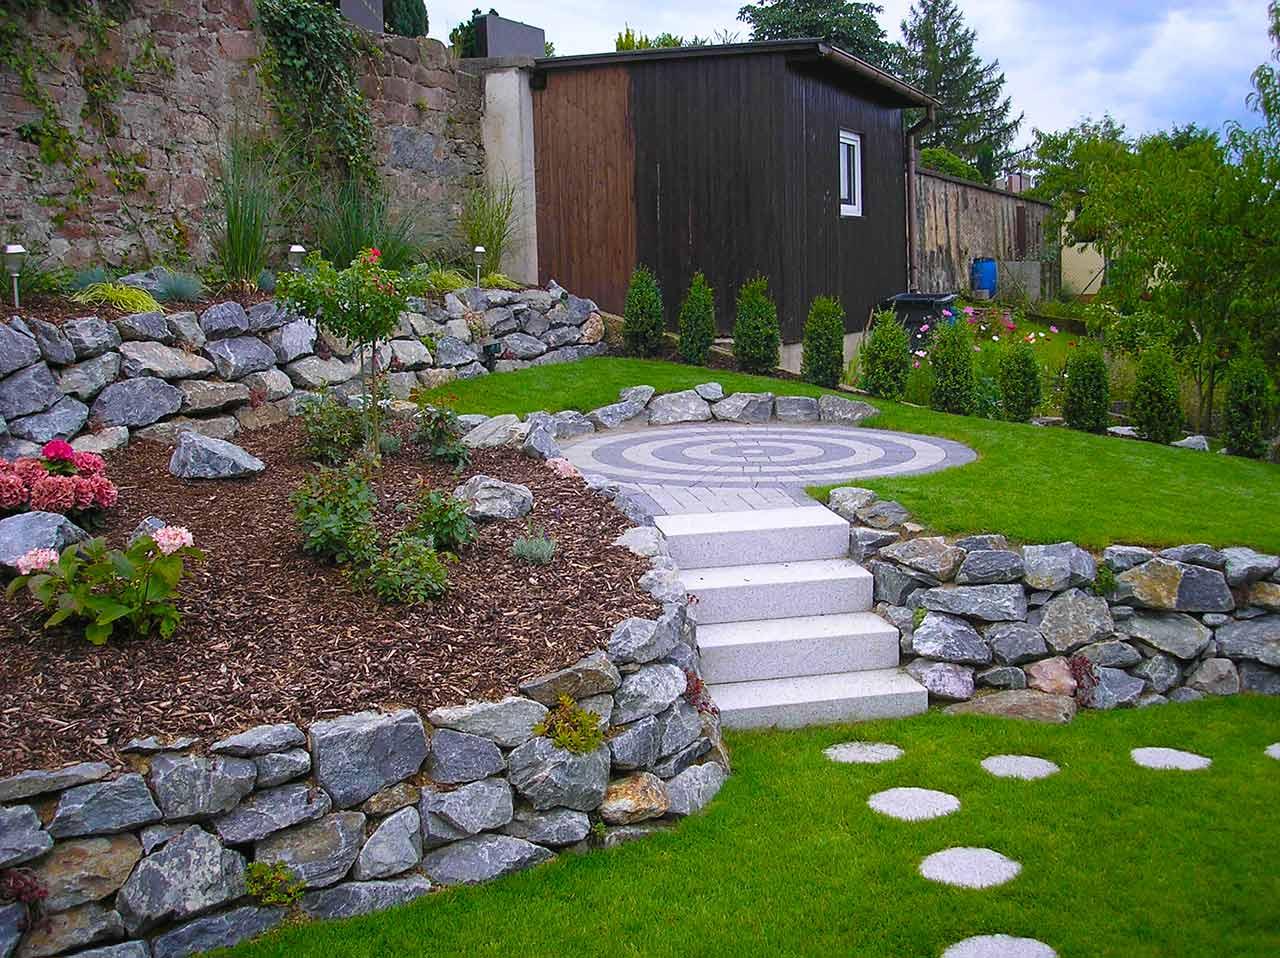 zaun sichtschutz gartenbau und landschaftsbau im. Black Bedroom Furniture Sets. Home Design Ideas